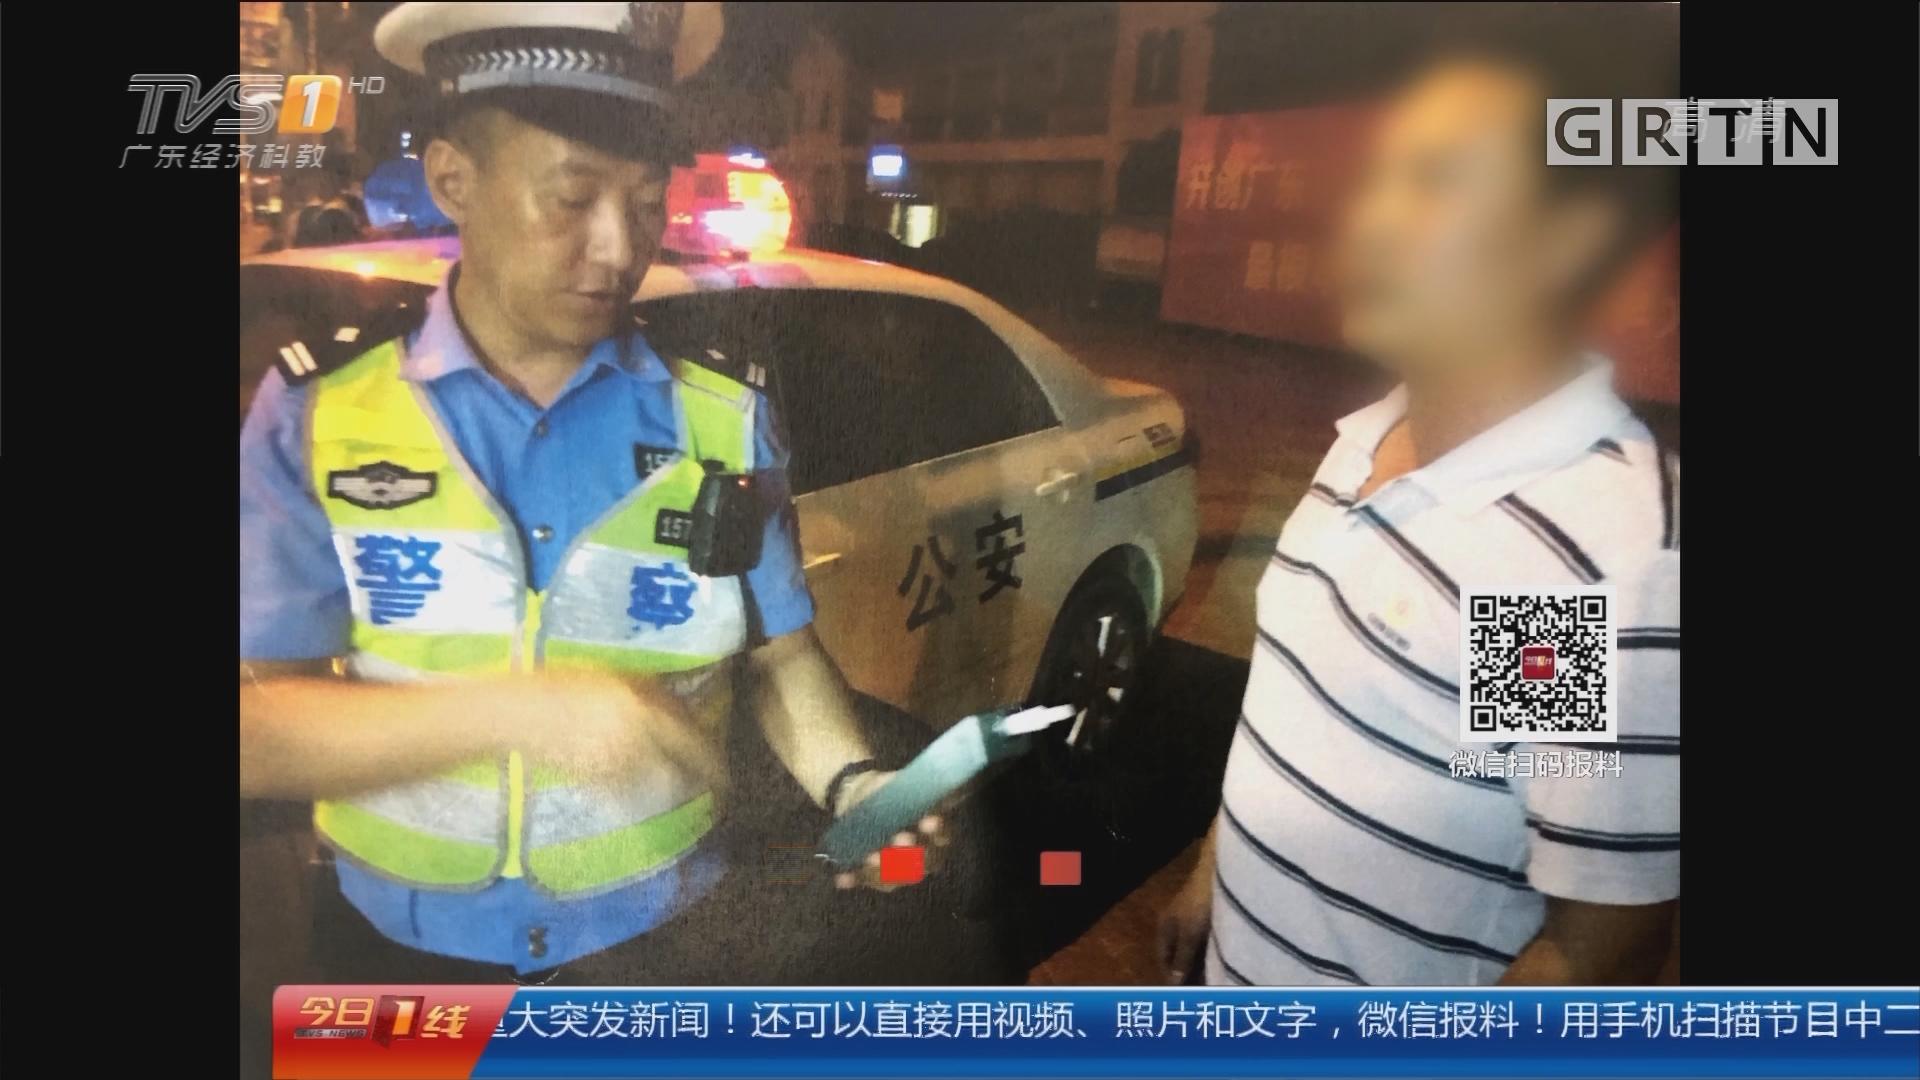 广东东莞:醉猫司机刚被扣证 大胆上路又被查